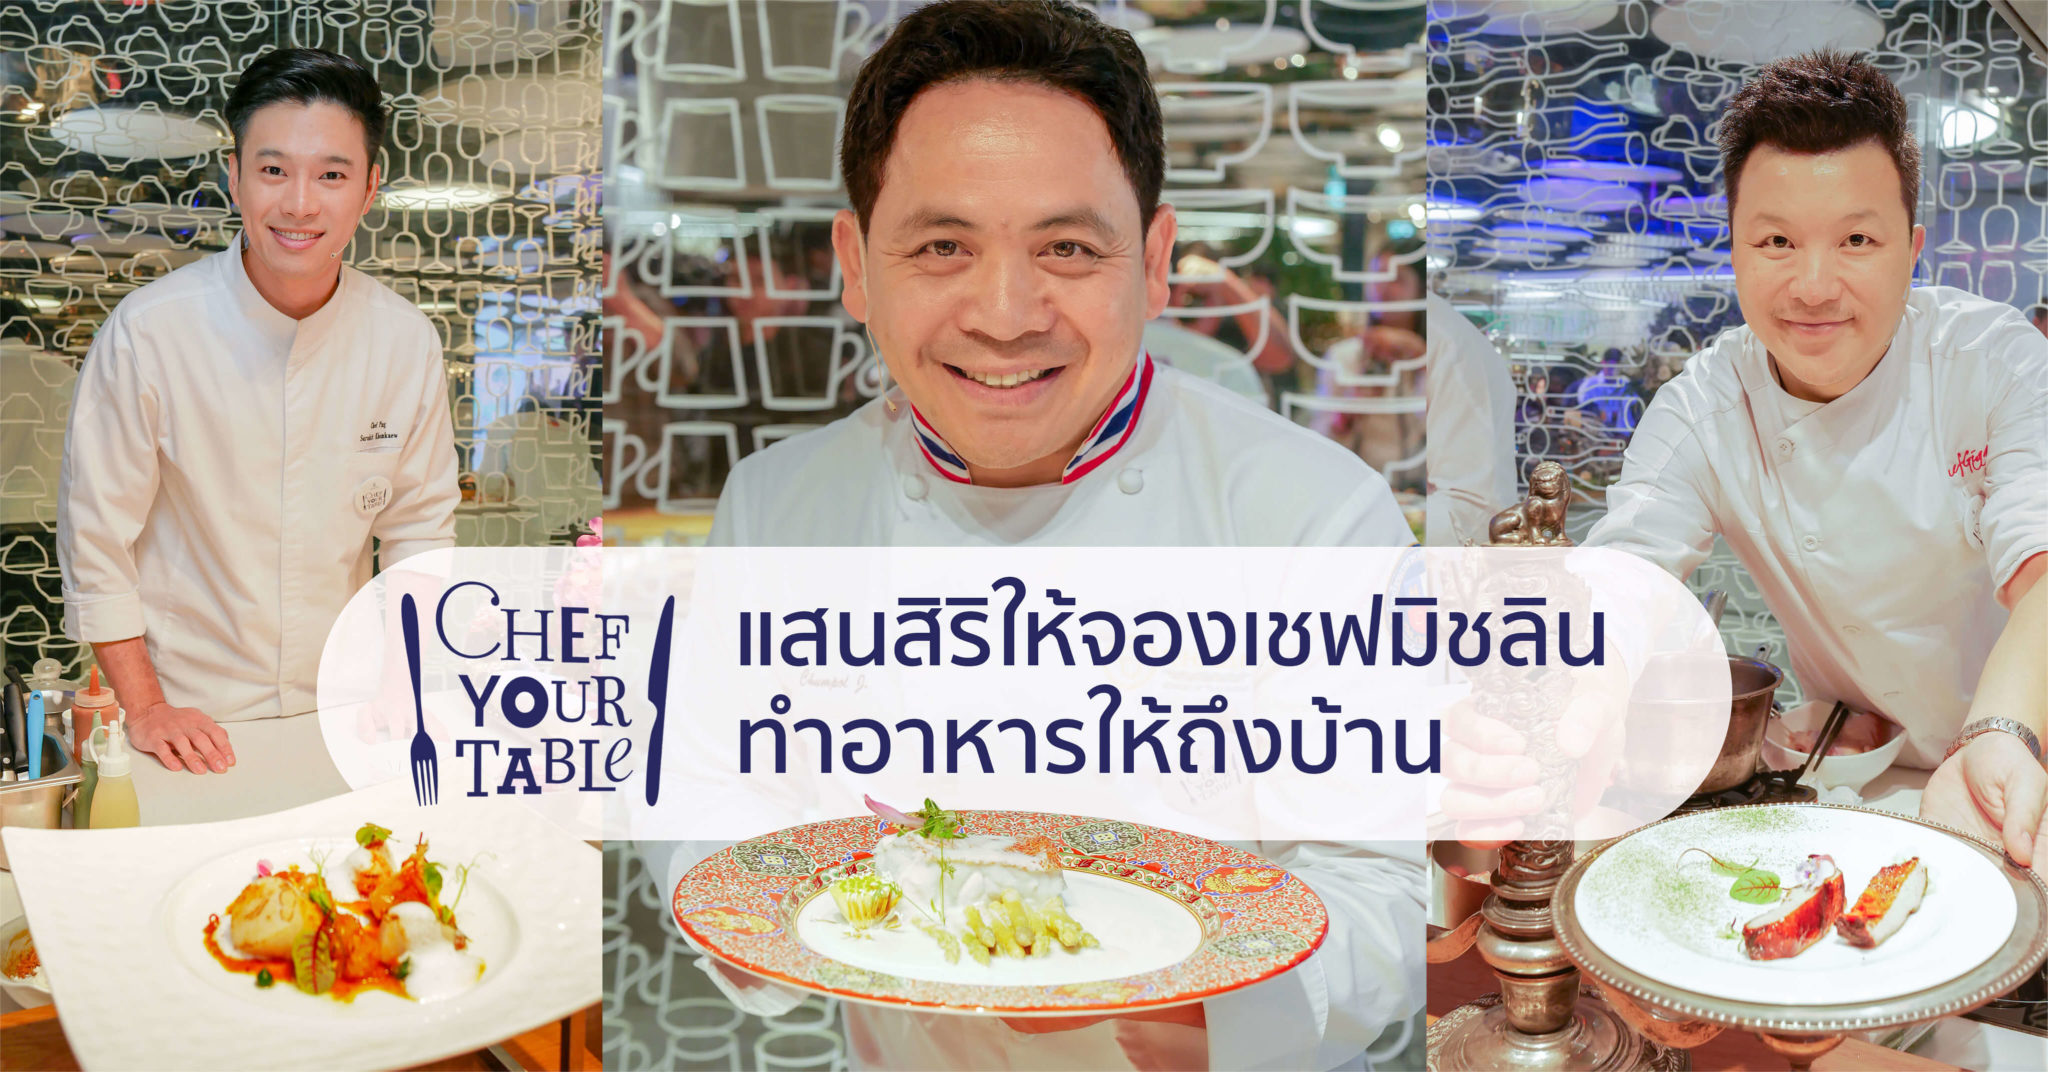 """สร้างช่วงเวลาสุดพิเศษไปกับ """"Sansiri Chef Your Table"""" ที่ให้คุณได้ลิ้มรสอาหารฝีมือเชฟระดับประเทศถึงบ้านคุณ! 12 - Chef"""